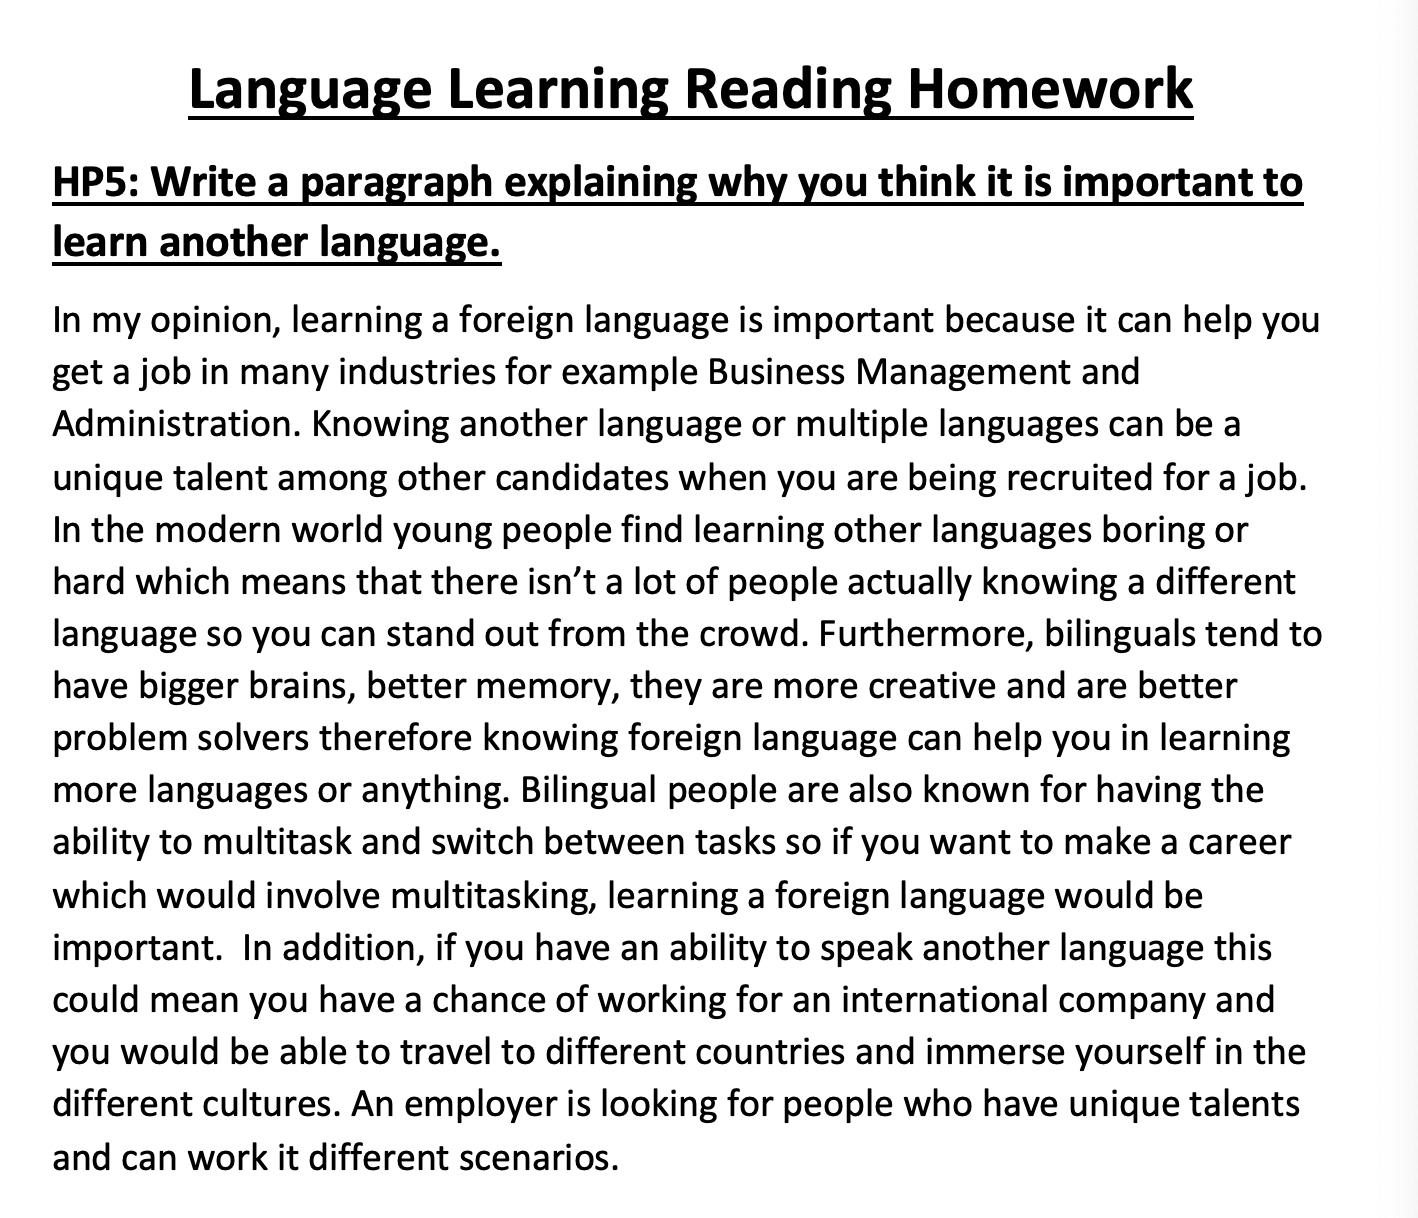 27/04/20 - Language Reading Homework